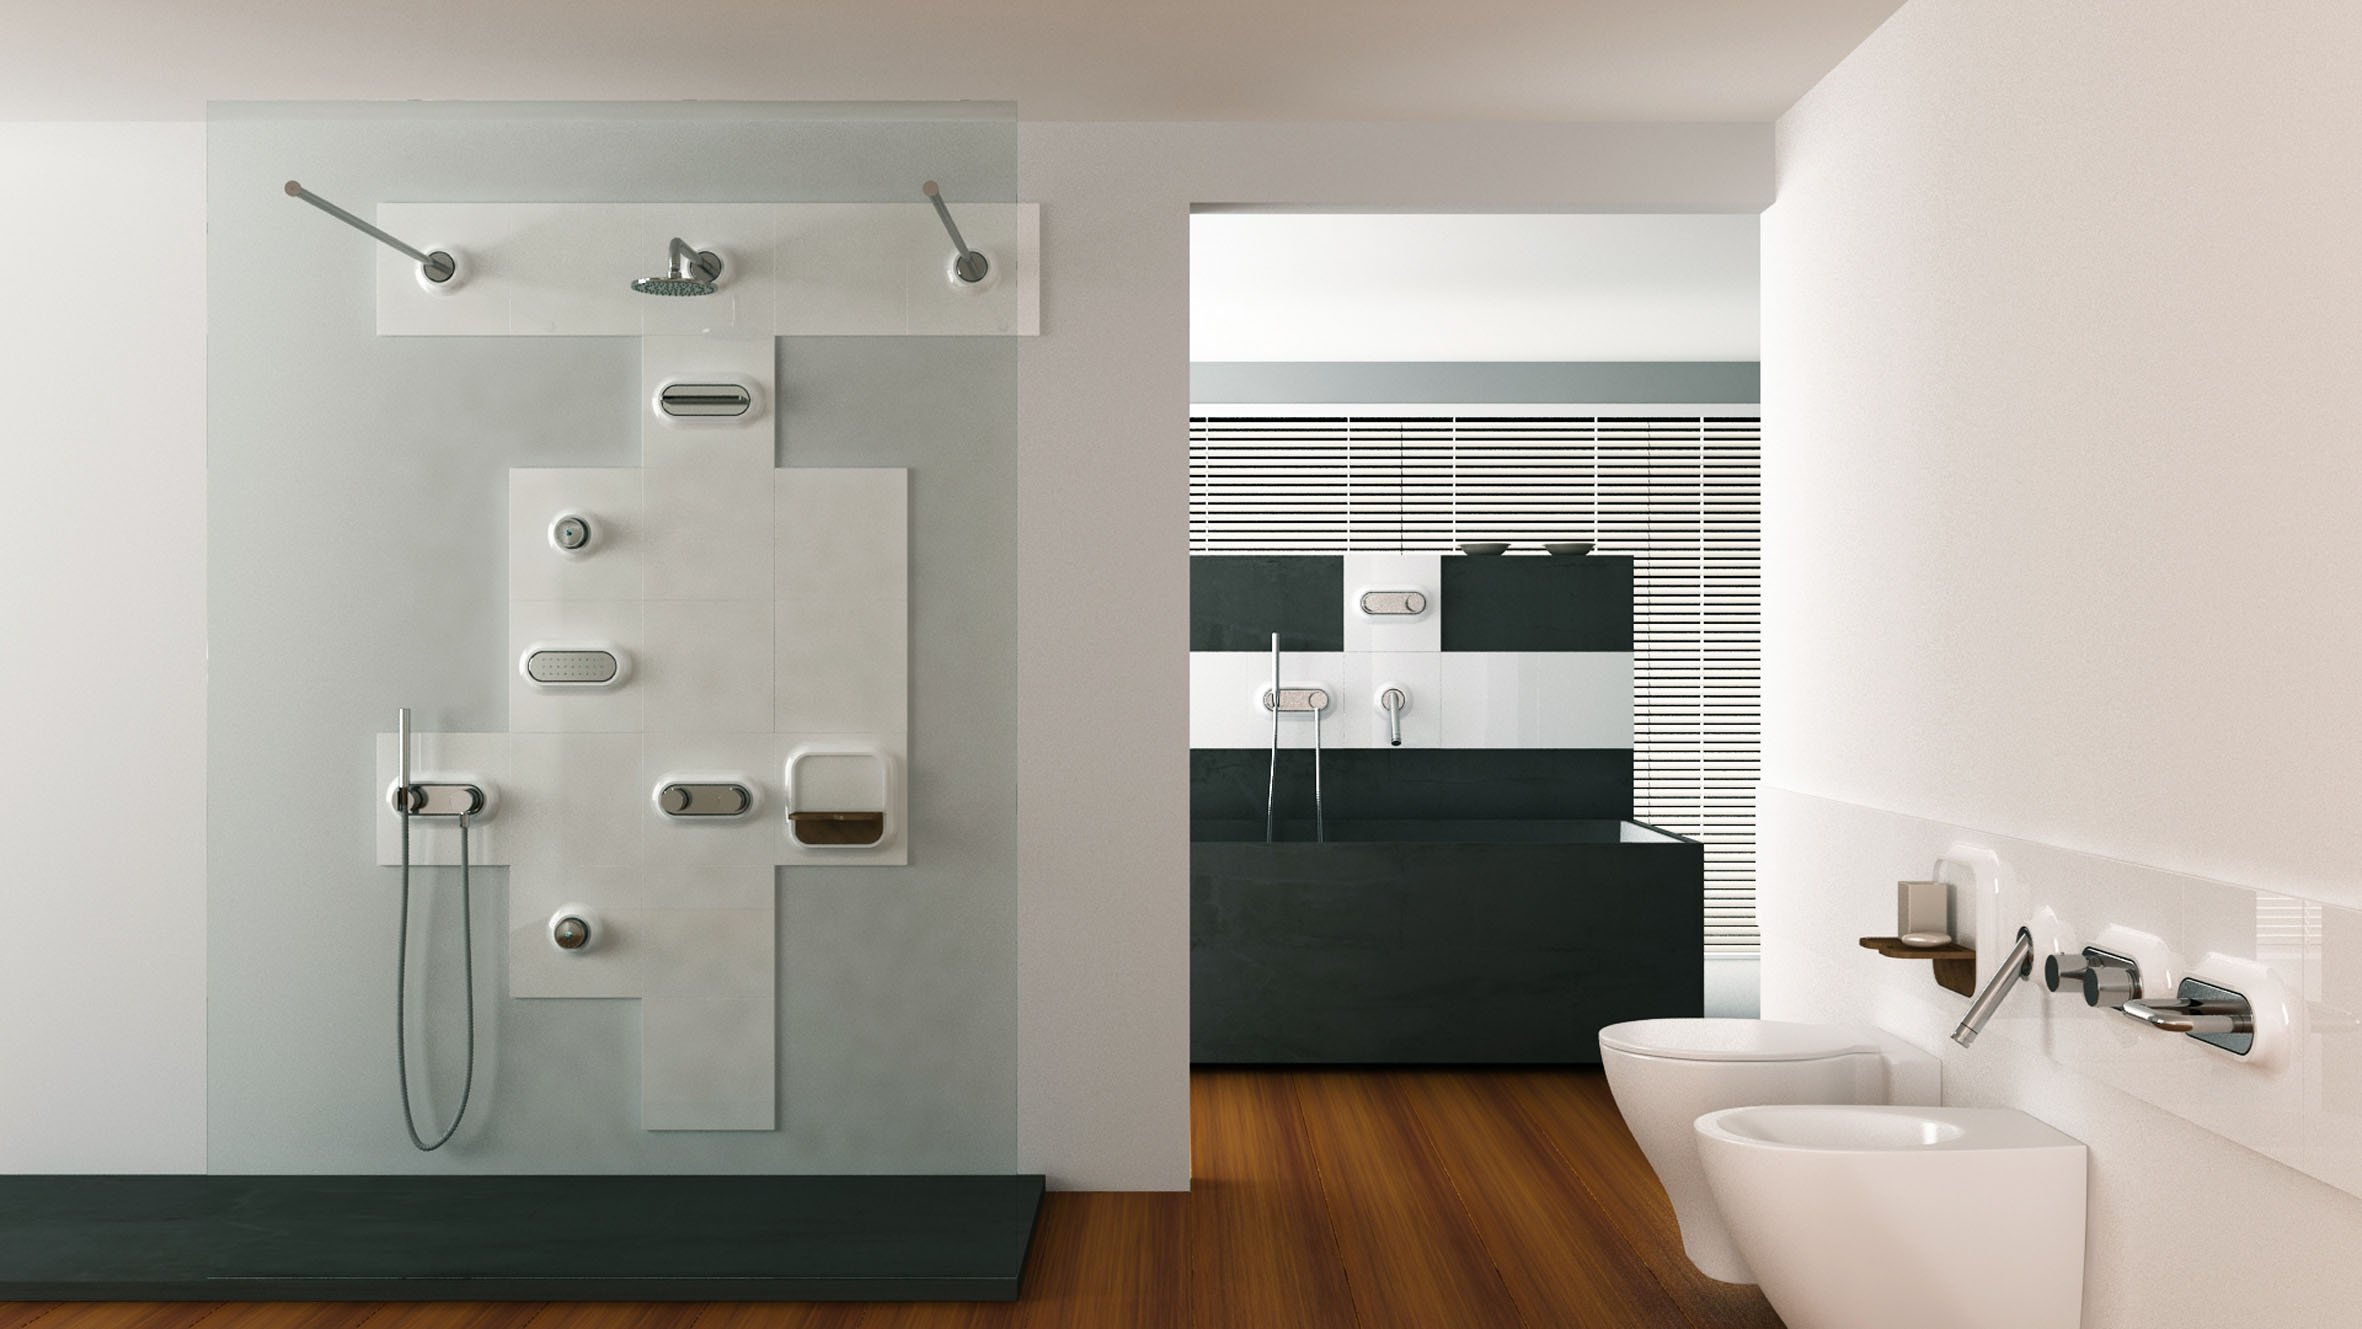 100+ [ mattonelle per bagno moderno ] | proposte per bagno idee d ... - Piastrelle X Bagni Moderni